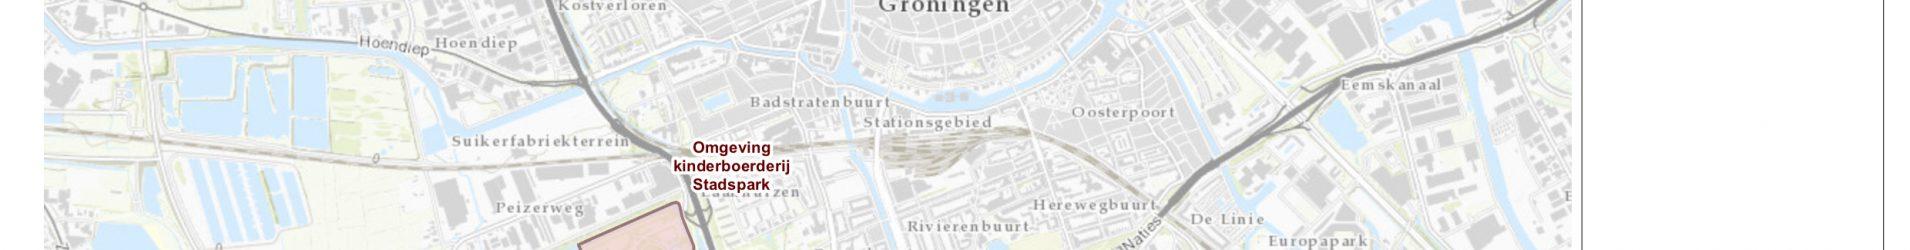 Overzichtskaart vuurwerkvrije zones 2018, gemeente Groningen.